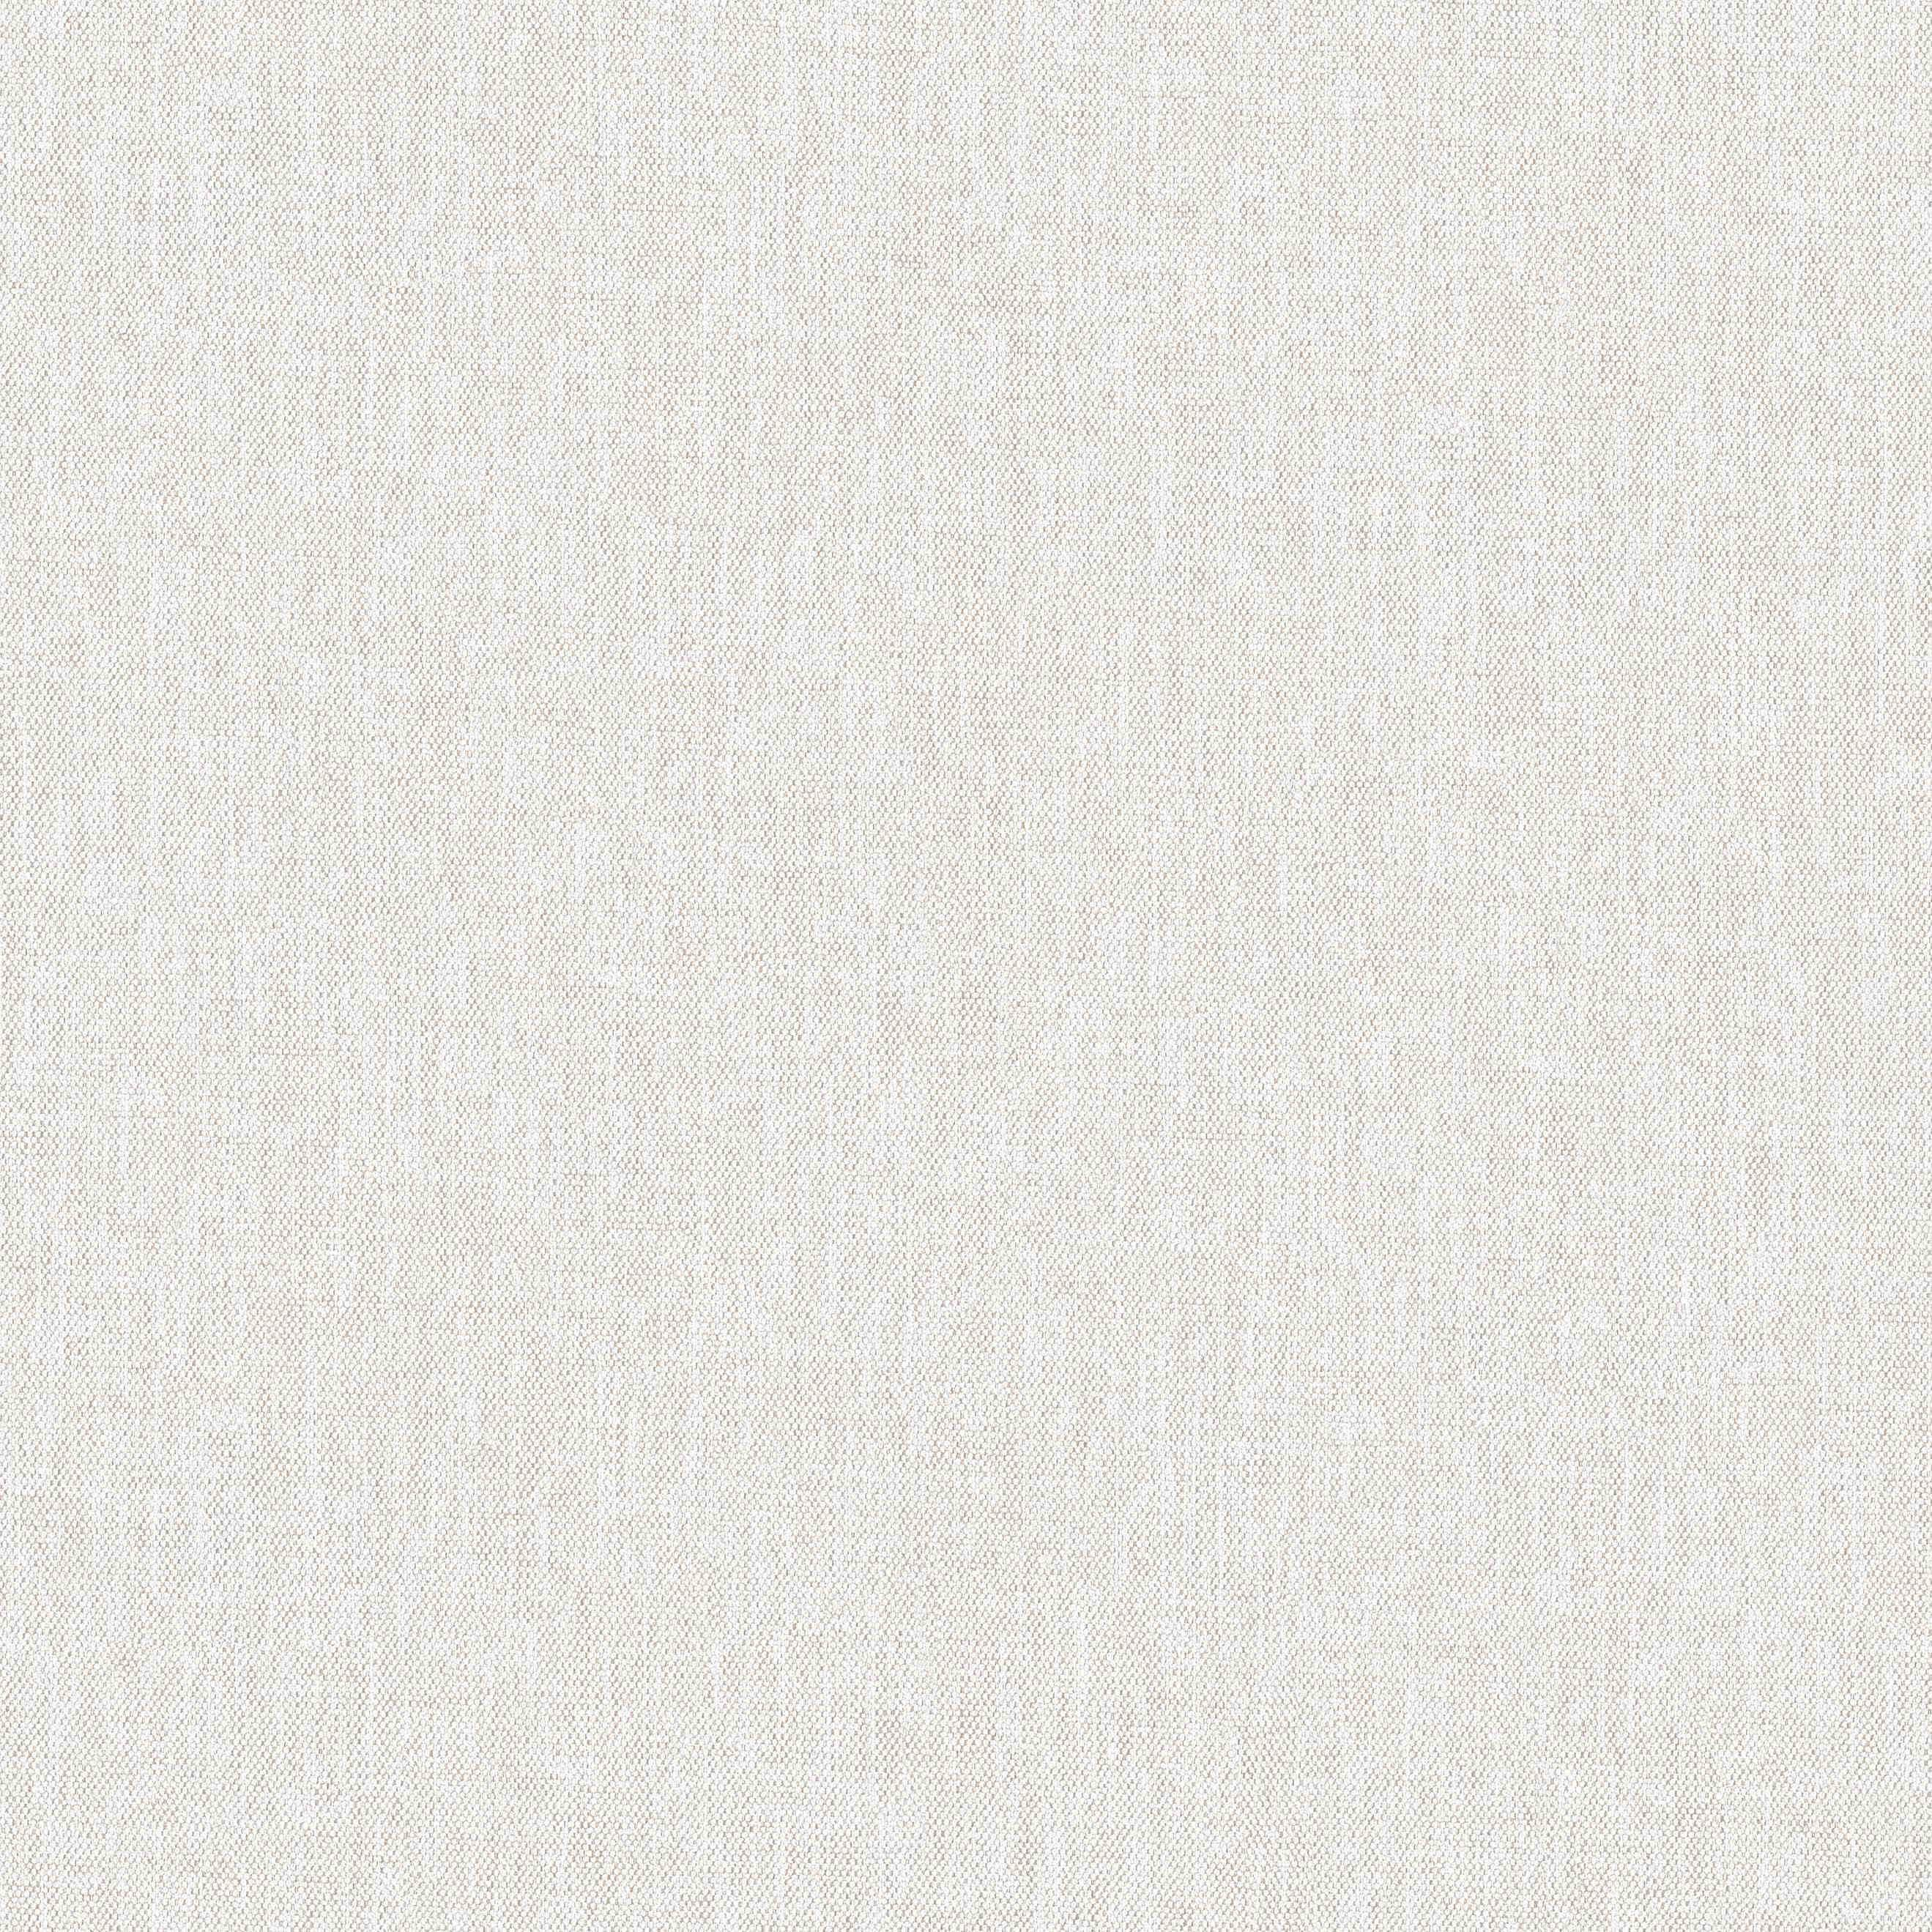 莱斯特(米黄)HEG60080